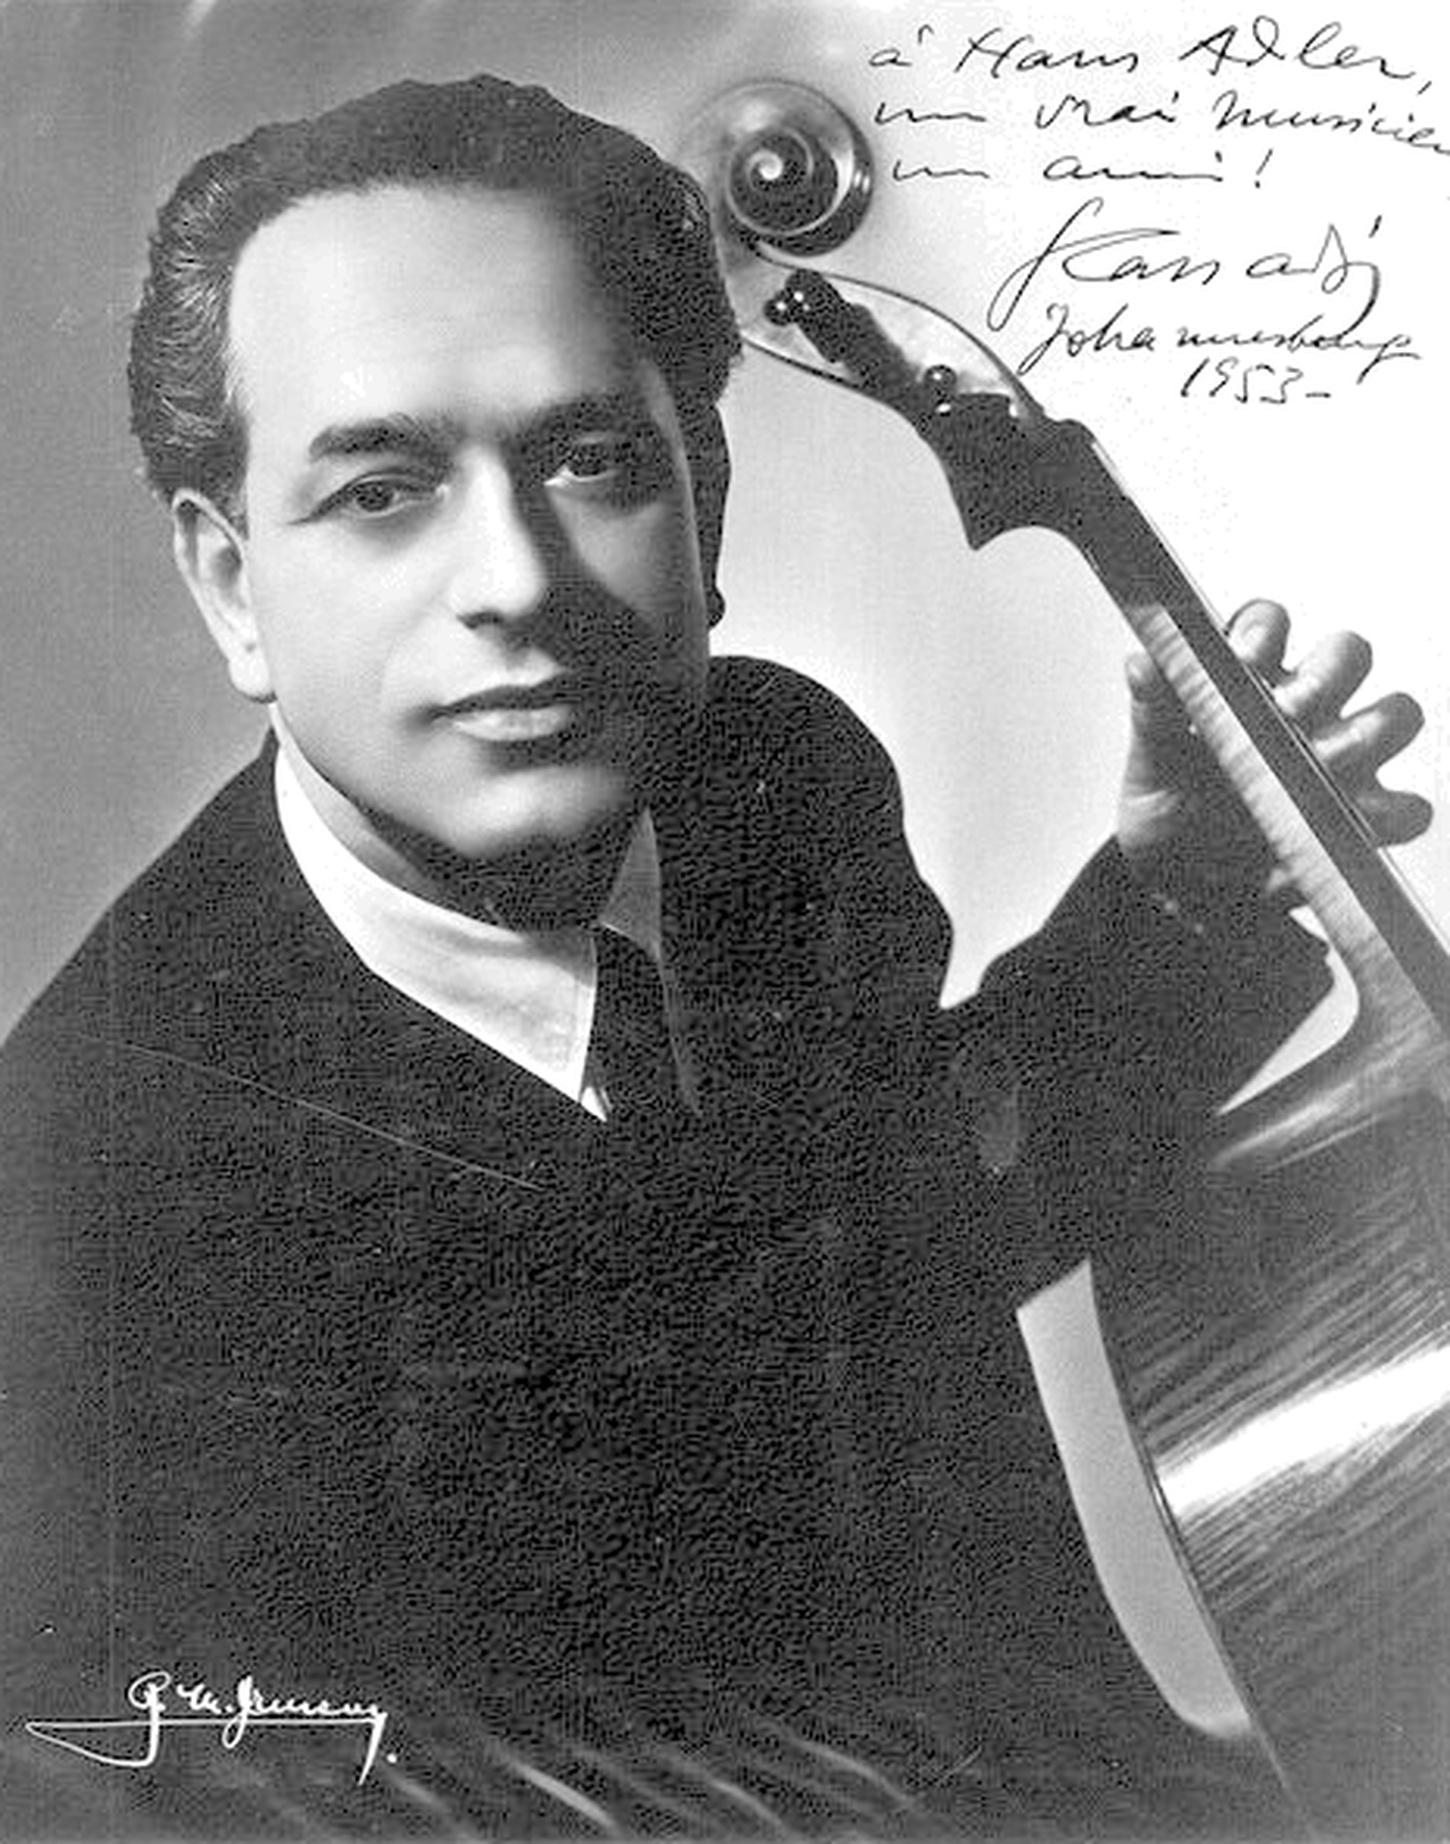 Gaspar CASSADÓ, début années 1950, avec dédicace à Hans Adler, Afrique du Sud, source: Hans Adler music Collection, http://hansadlermusiciansdedications.blogspot.ca/, Cliquer sur la photo pour une vue agrandie et les références